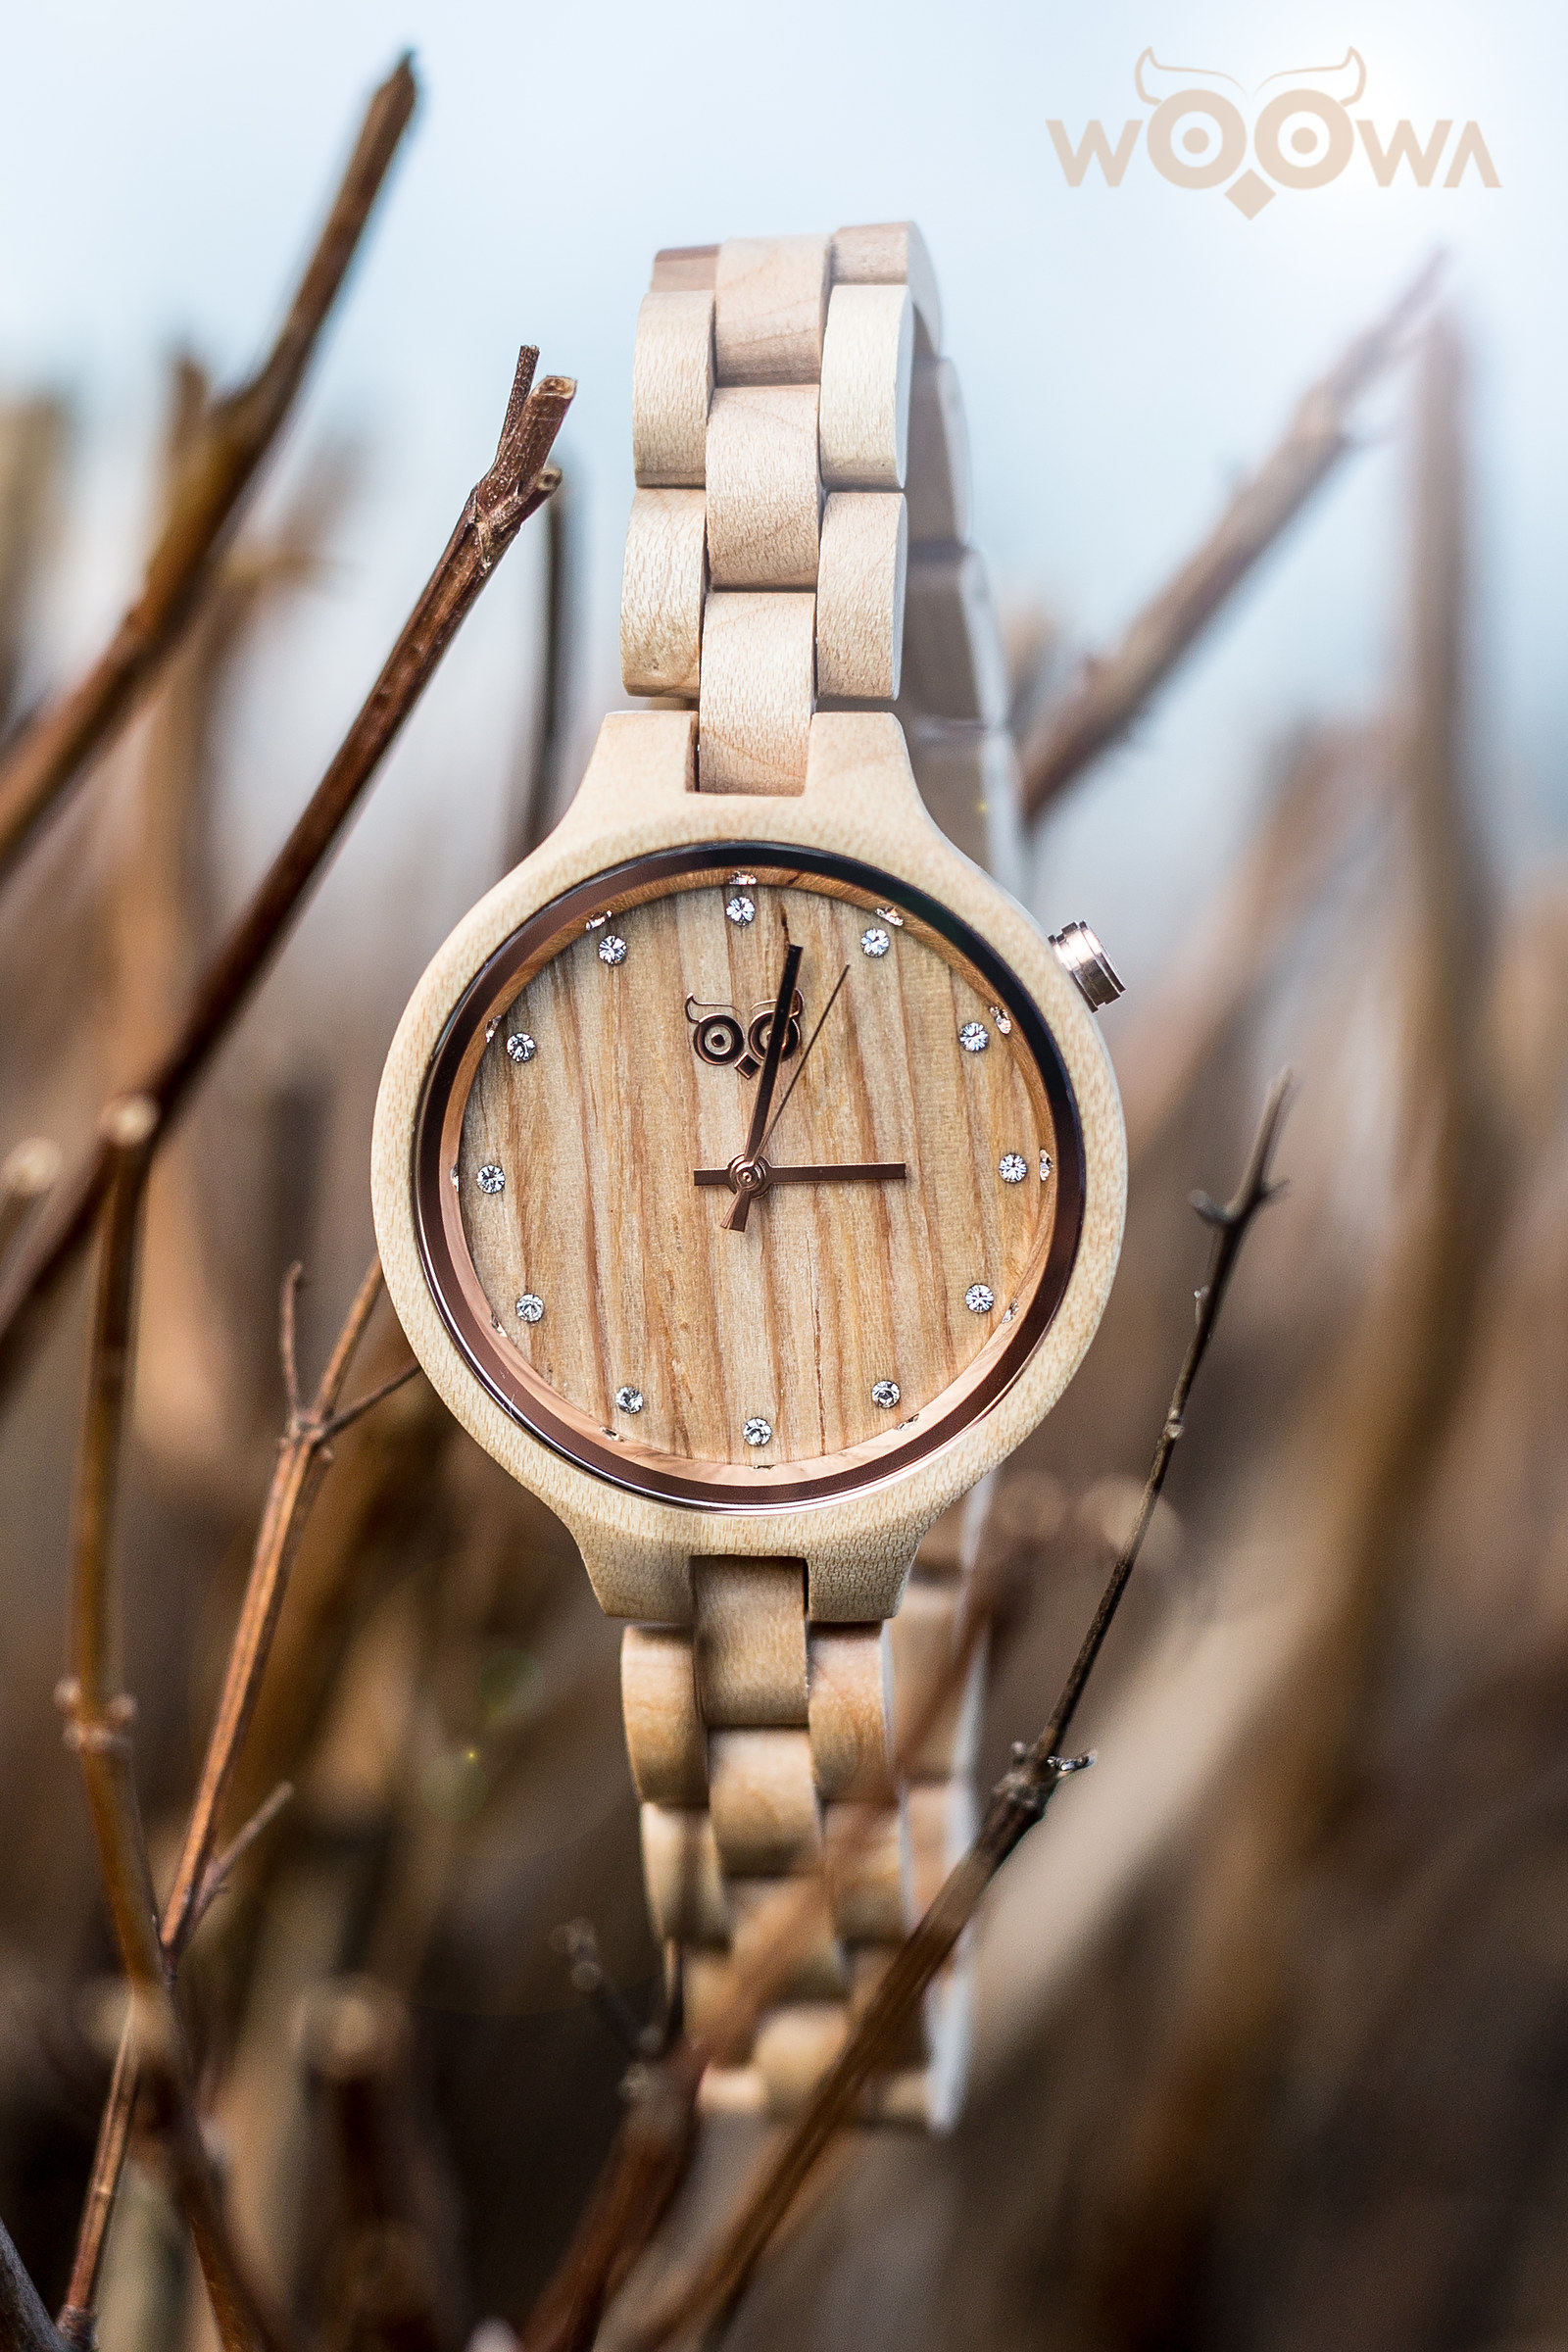 b312d59a3 Dámské dřevěné hodinky s krystaly Swarovski / Zboží prodejce Woowa ...